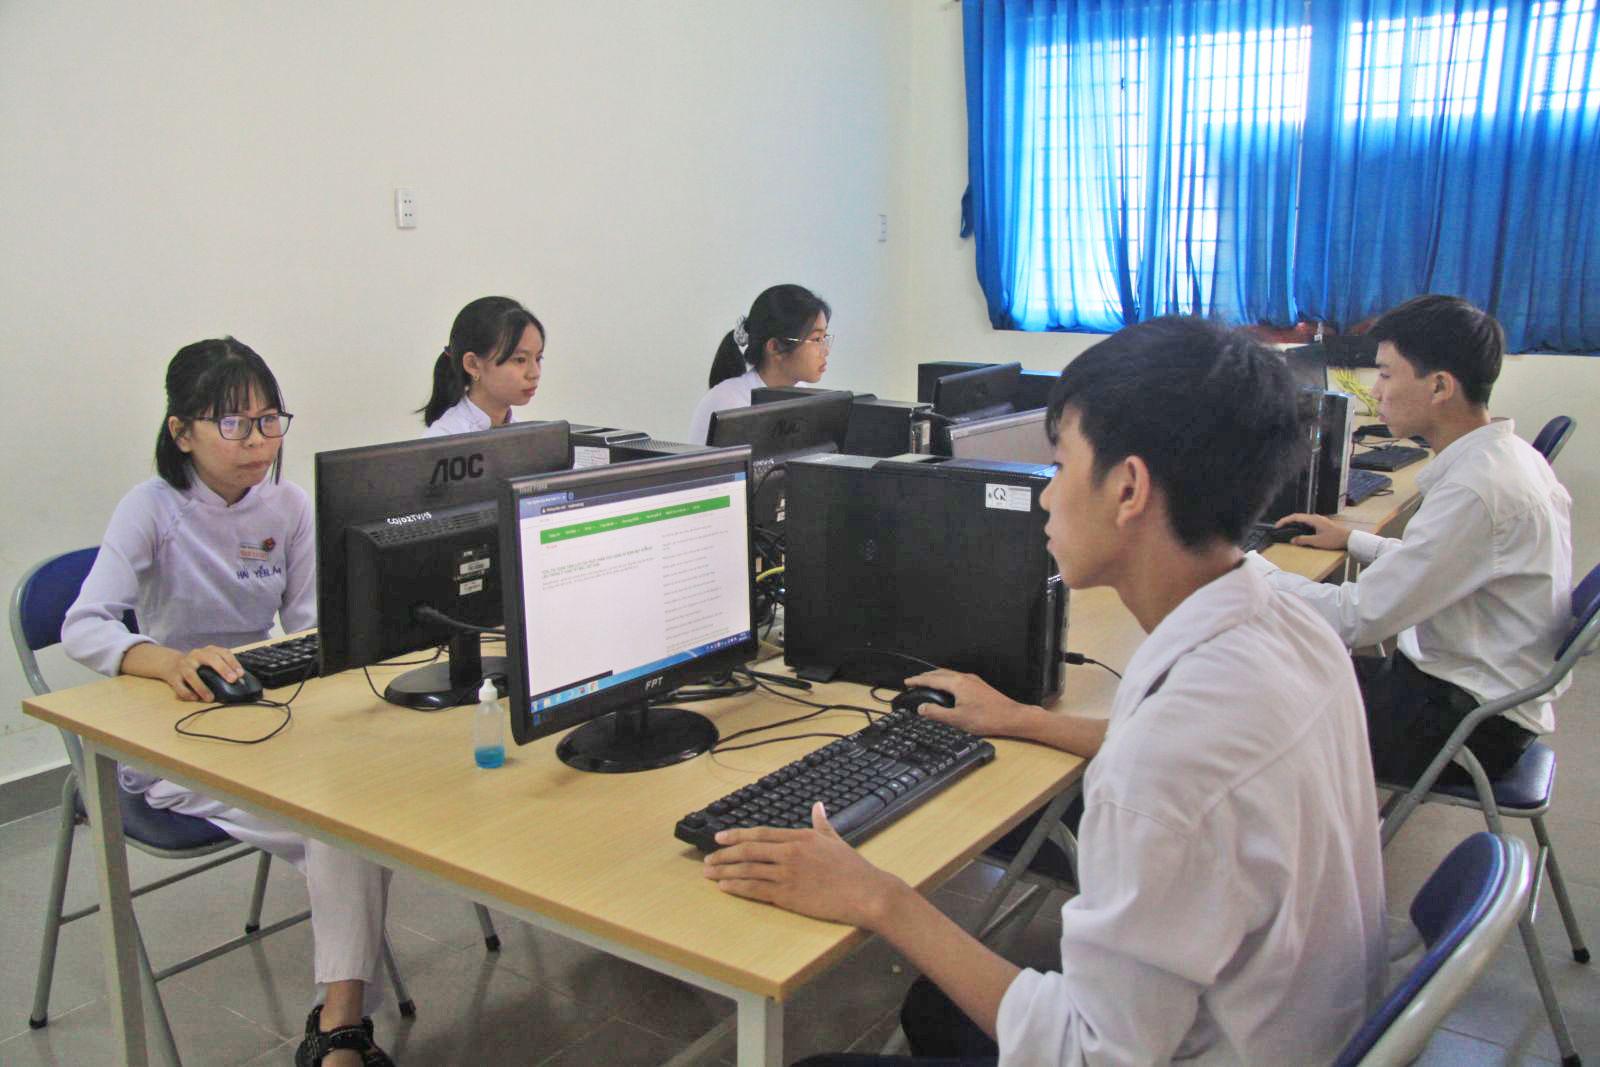 Học sinh Trường THPT Phan Văn Đạt truy cập Internet tra cứu thông tin tại thư viện, minh chứng cho khoảng cách về điều kiện học tập tại vùng sâu so với vùng thuận lợi dần được rút ngắn